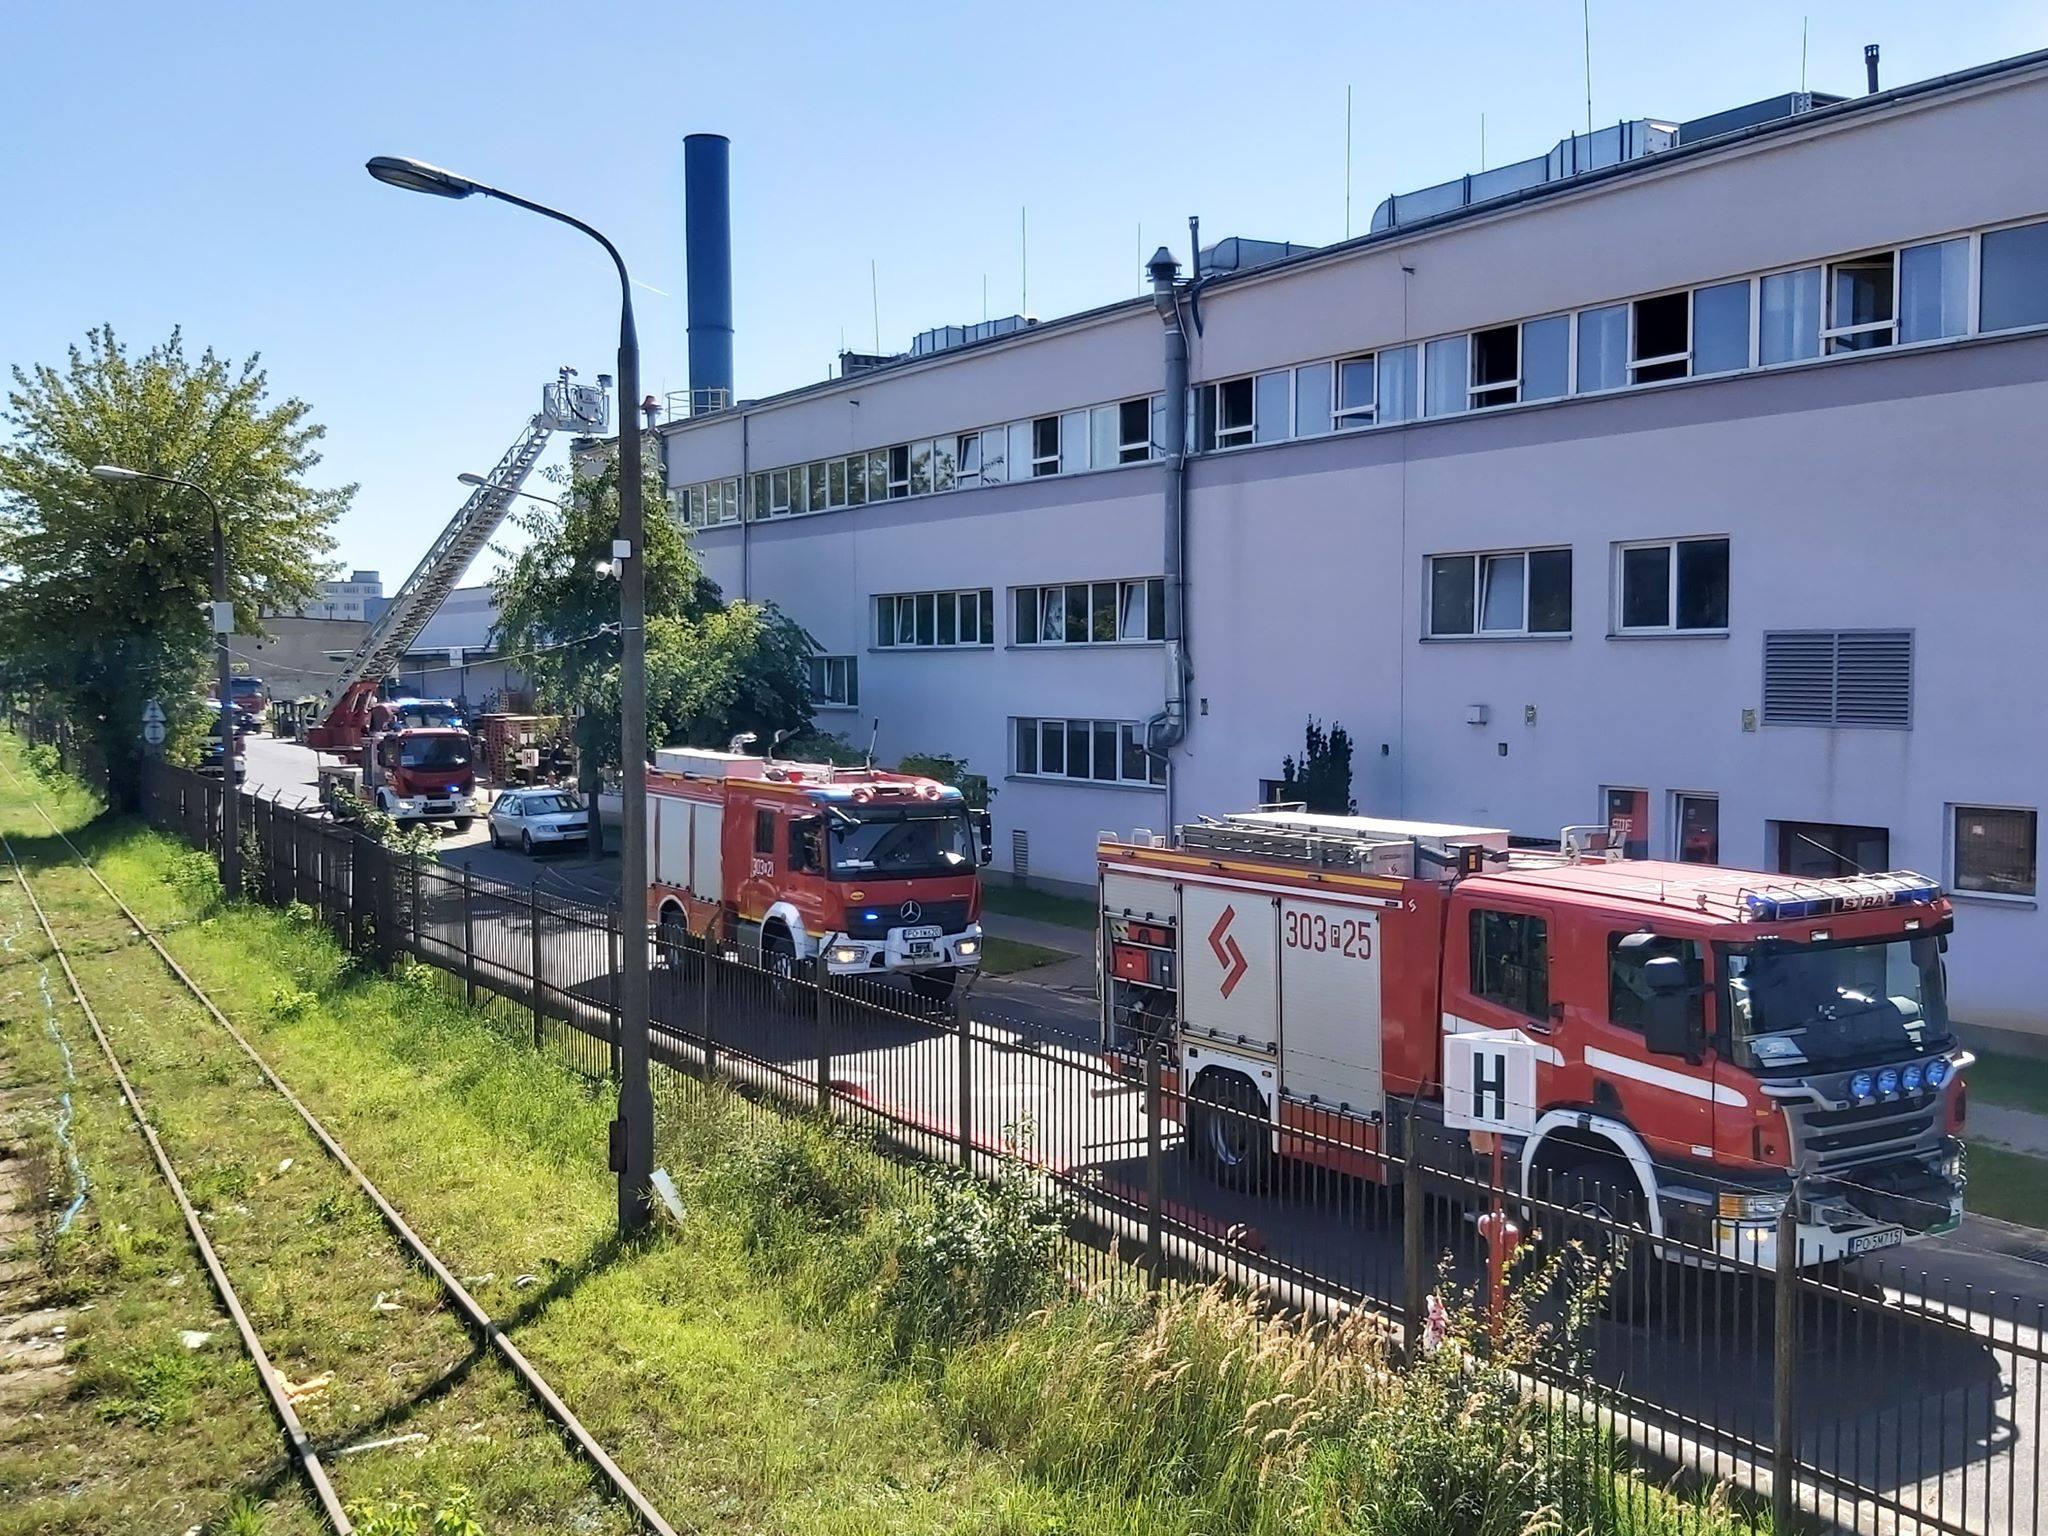 pożar gdyńska straż pożarna - Krzysztof Polasik - Radio Poznań